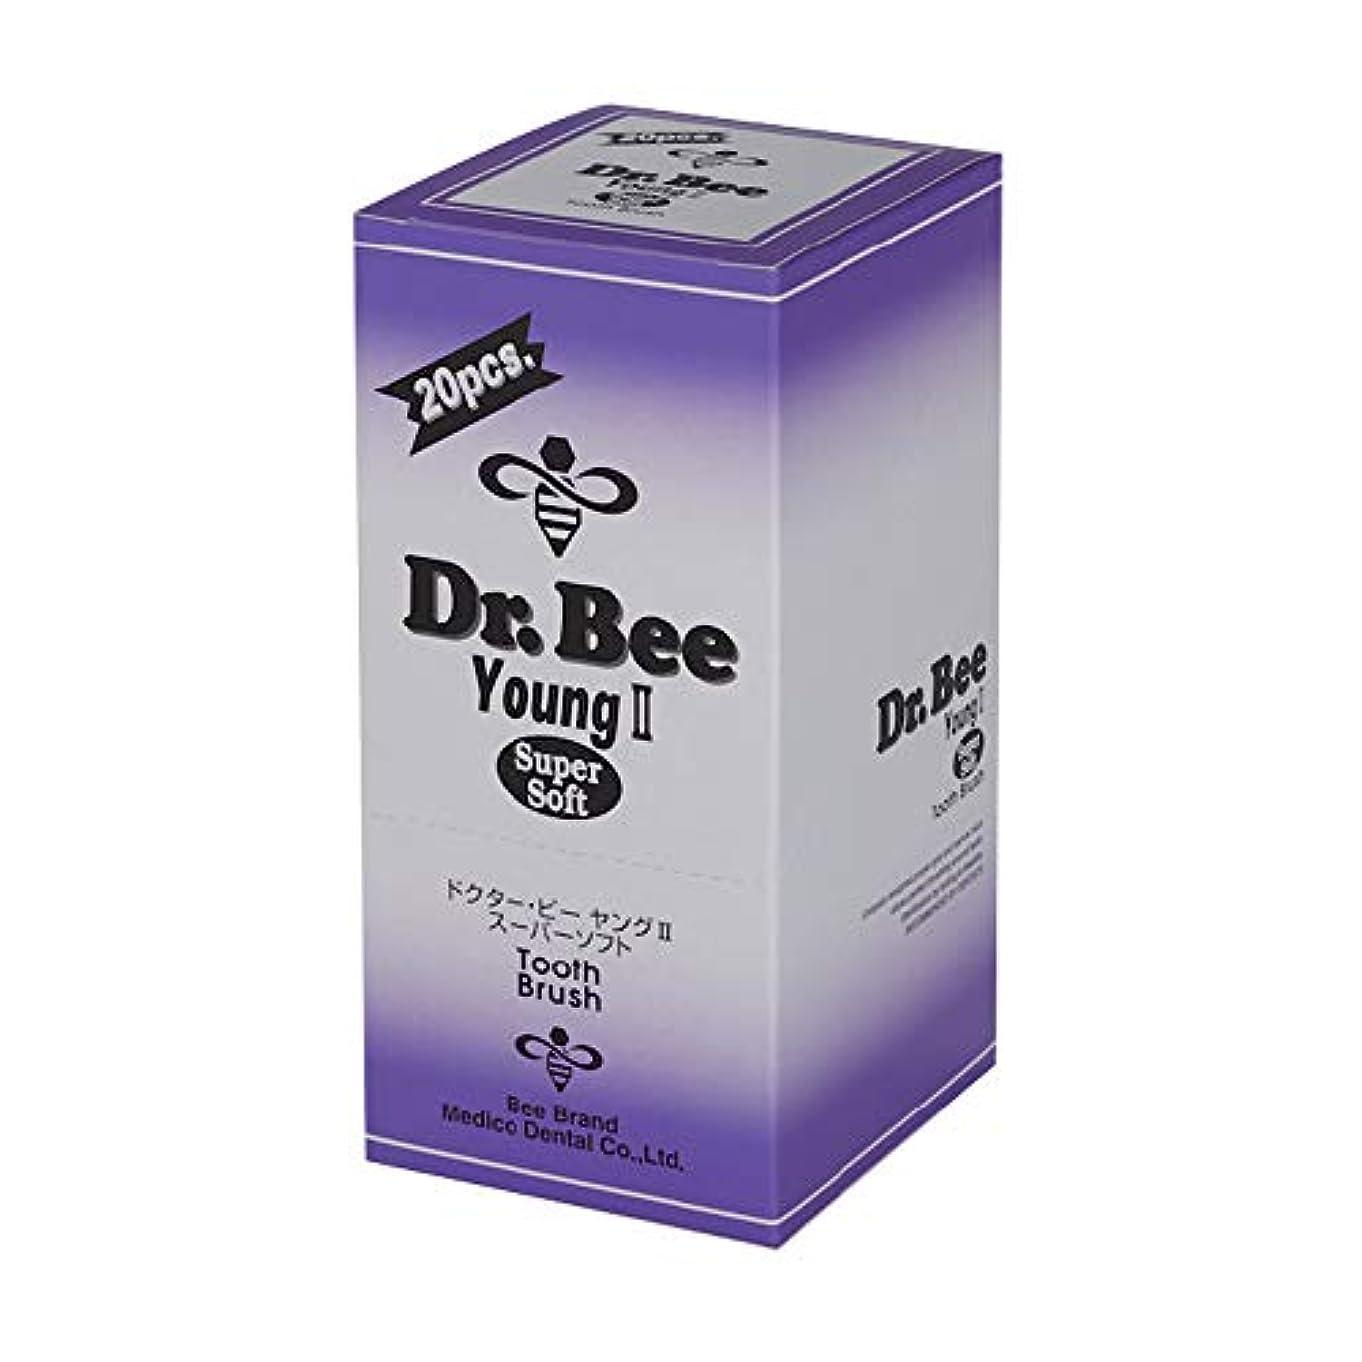 硬さスクランブルエリートDr.Bee ヤングⅡ スーパーソフト 20本入り